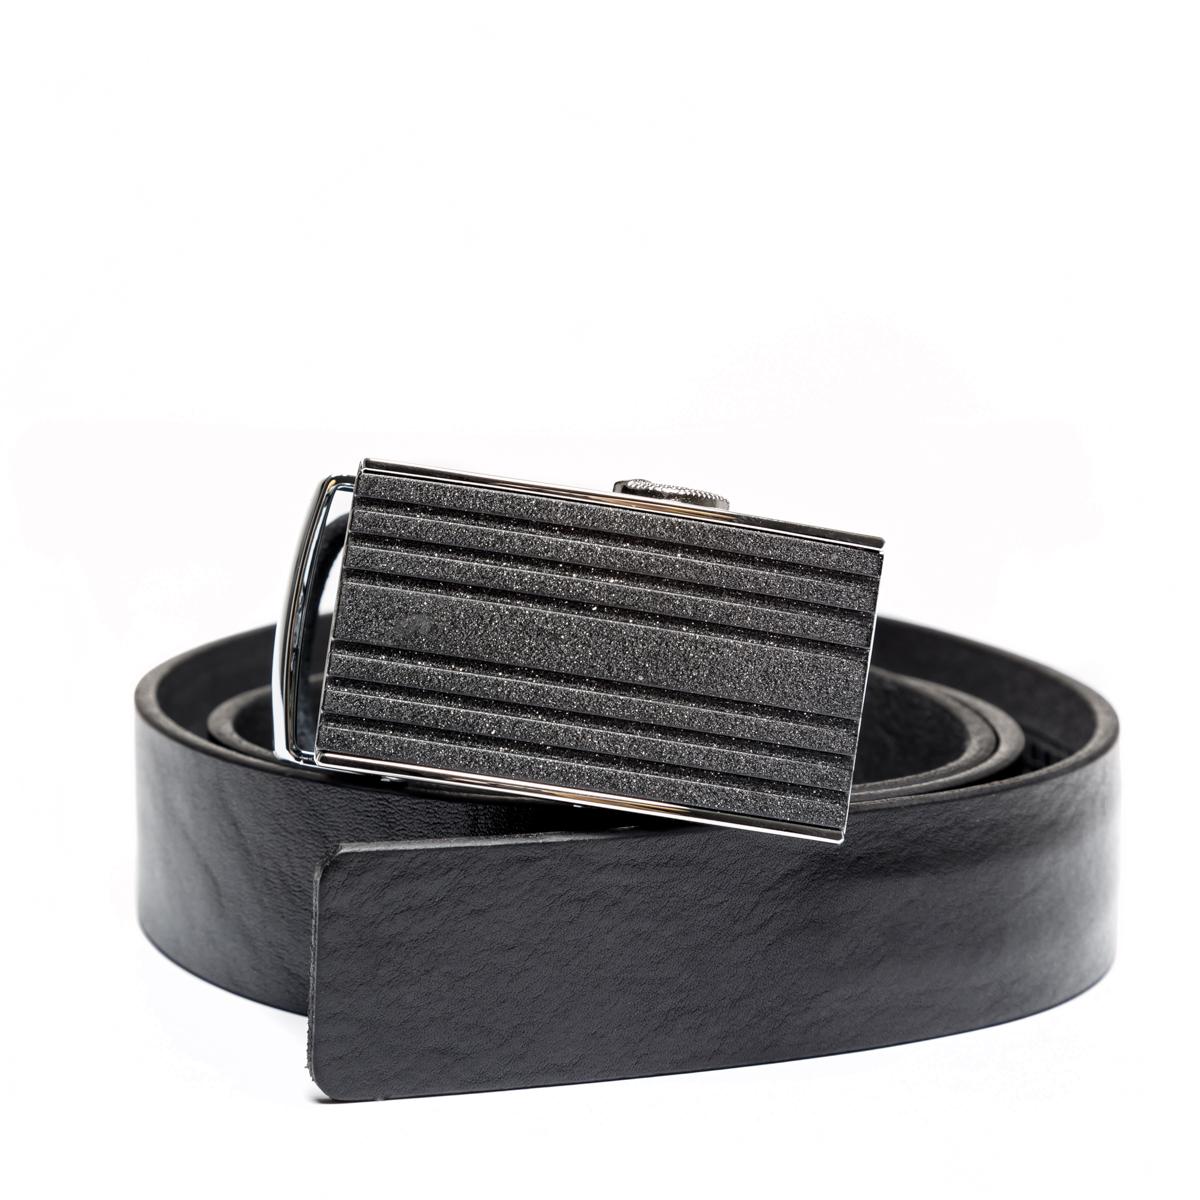 Купить Ремень мужской Flax Black, Lakestone